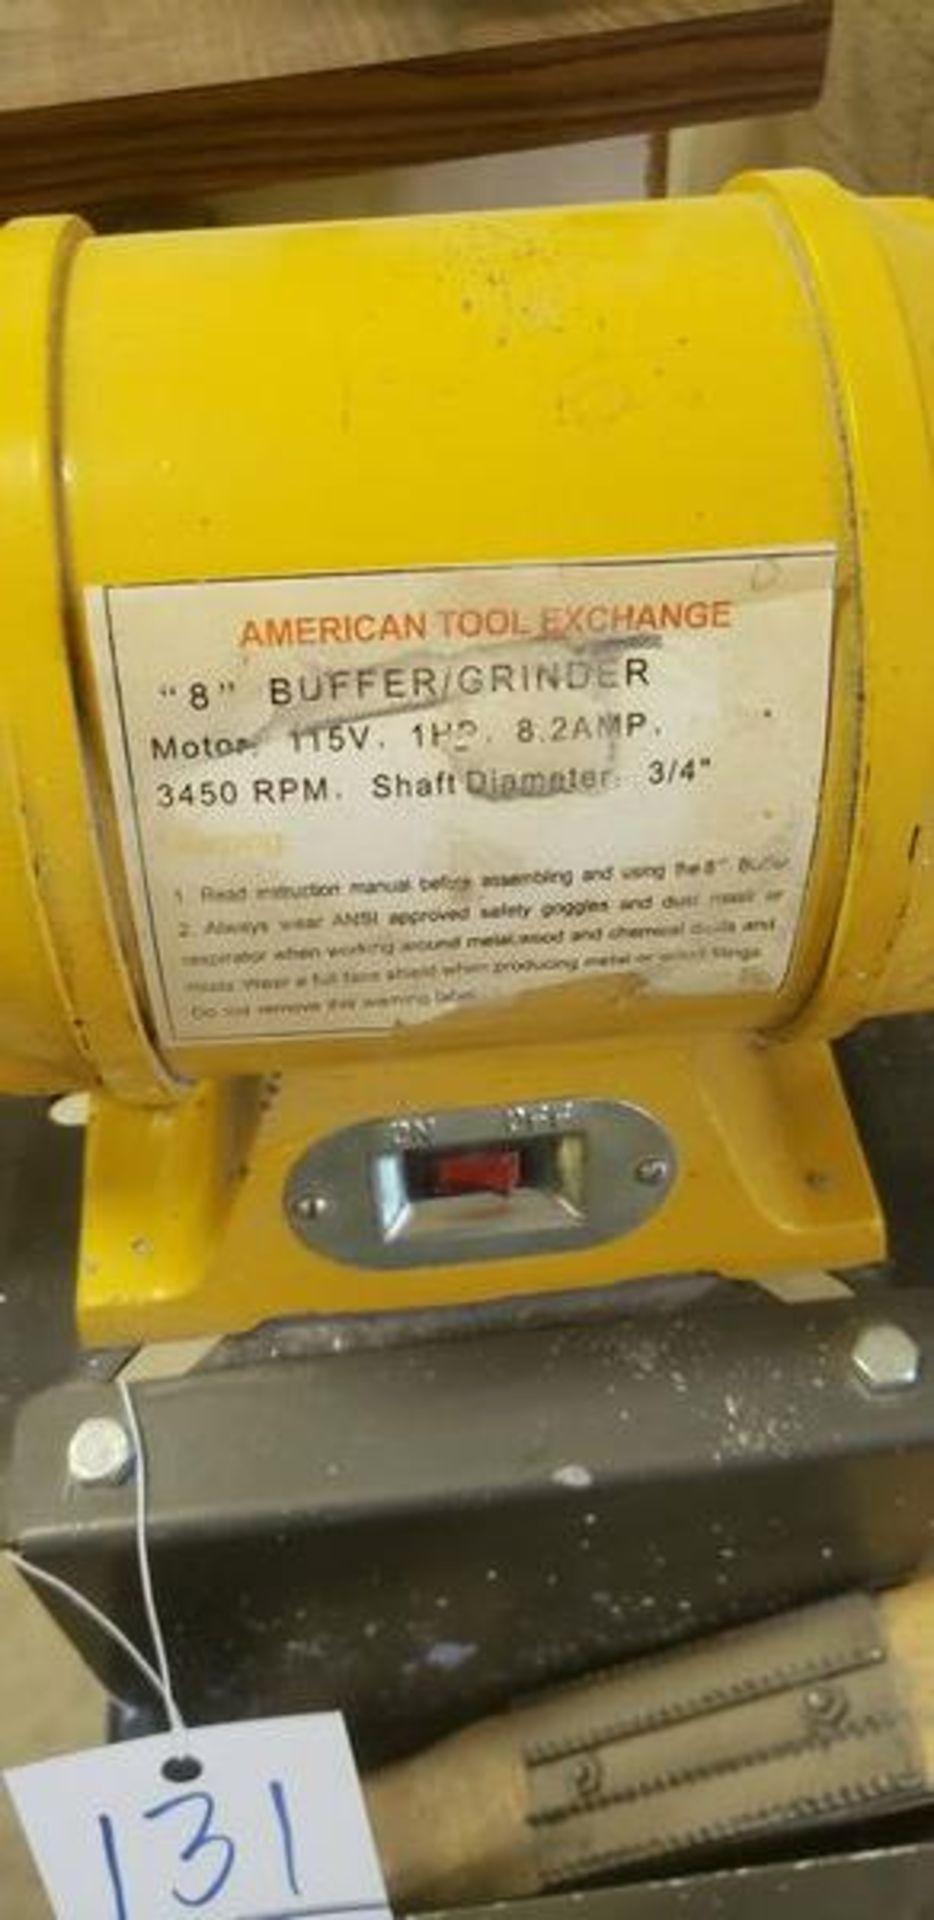 """AMERICAN TOOL EXCHANGE 8"""" BUFFER GRINDER - Image 2 of 3"""